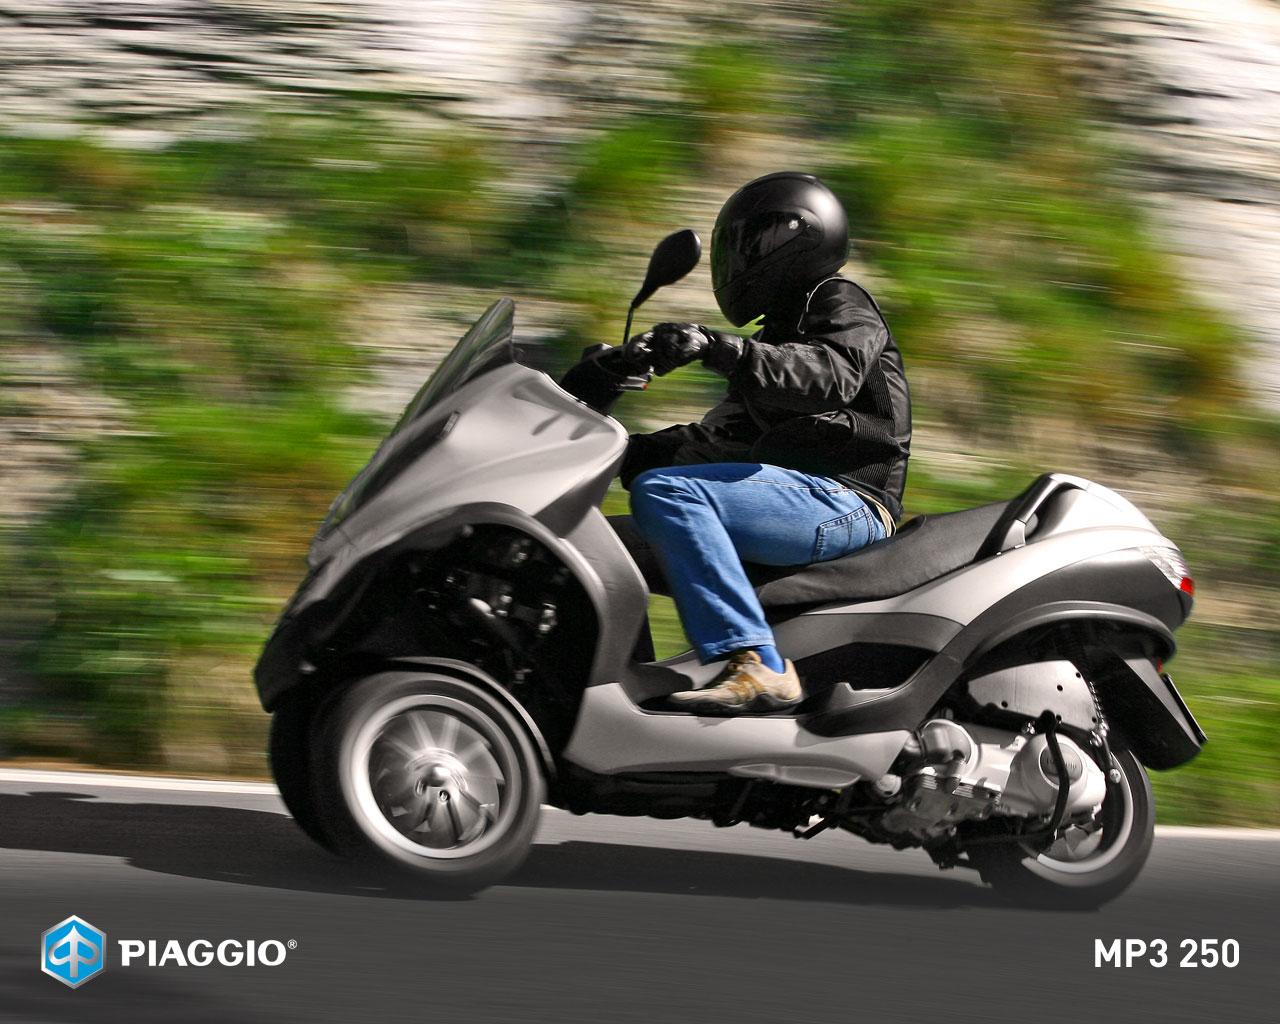 piaggio mp3 250 specs - 2009, 2010 - autoevolution